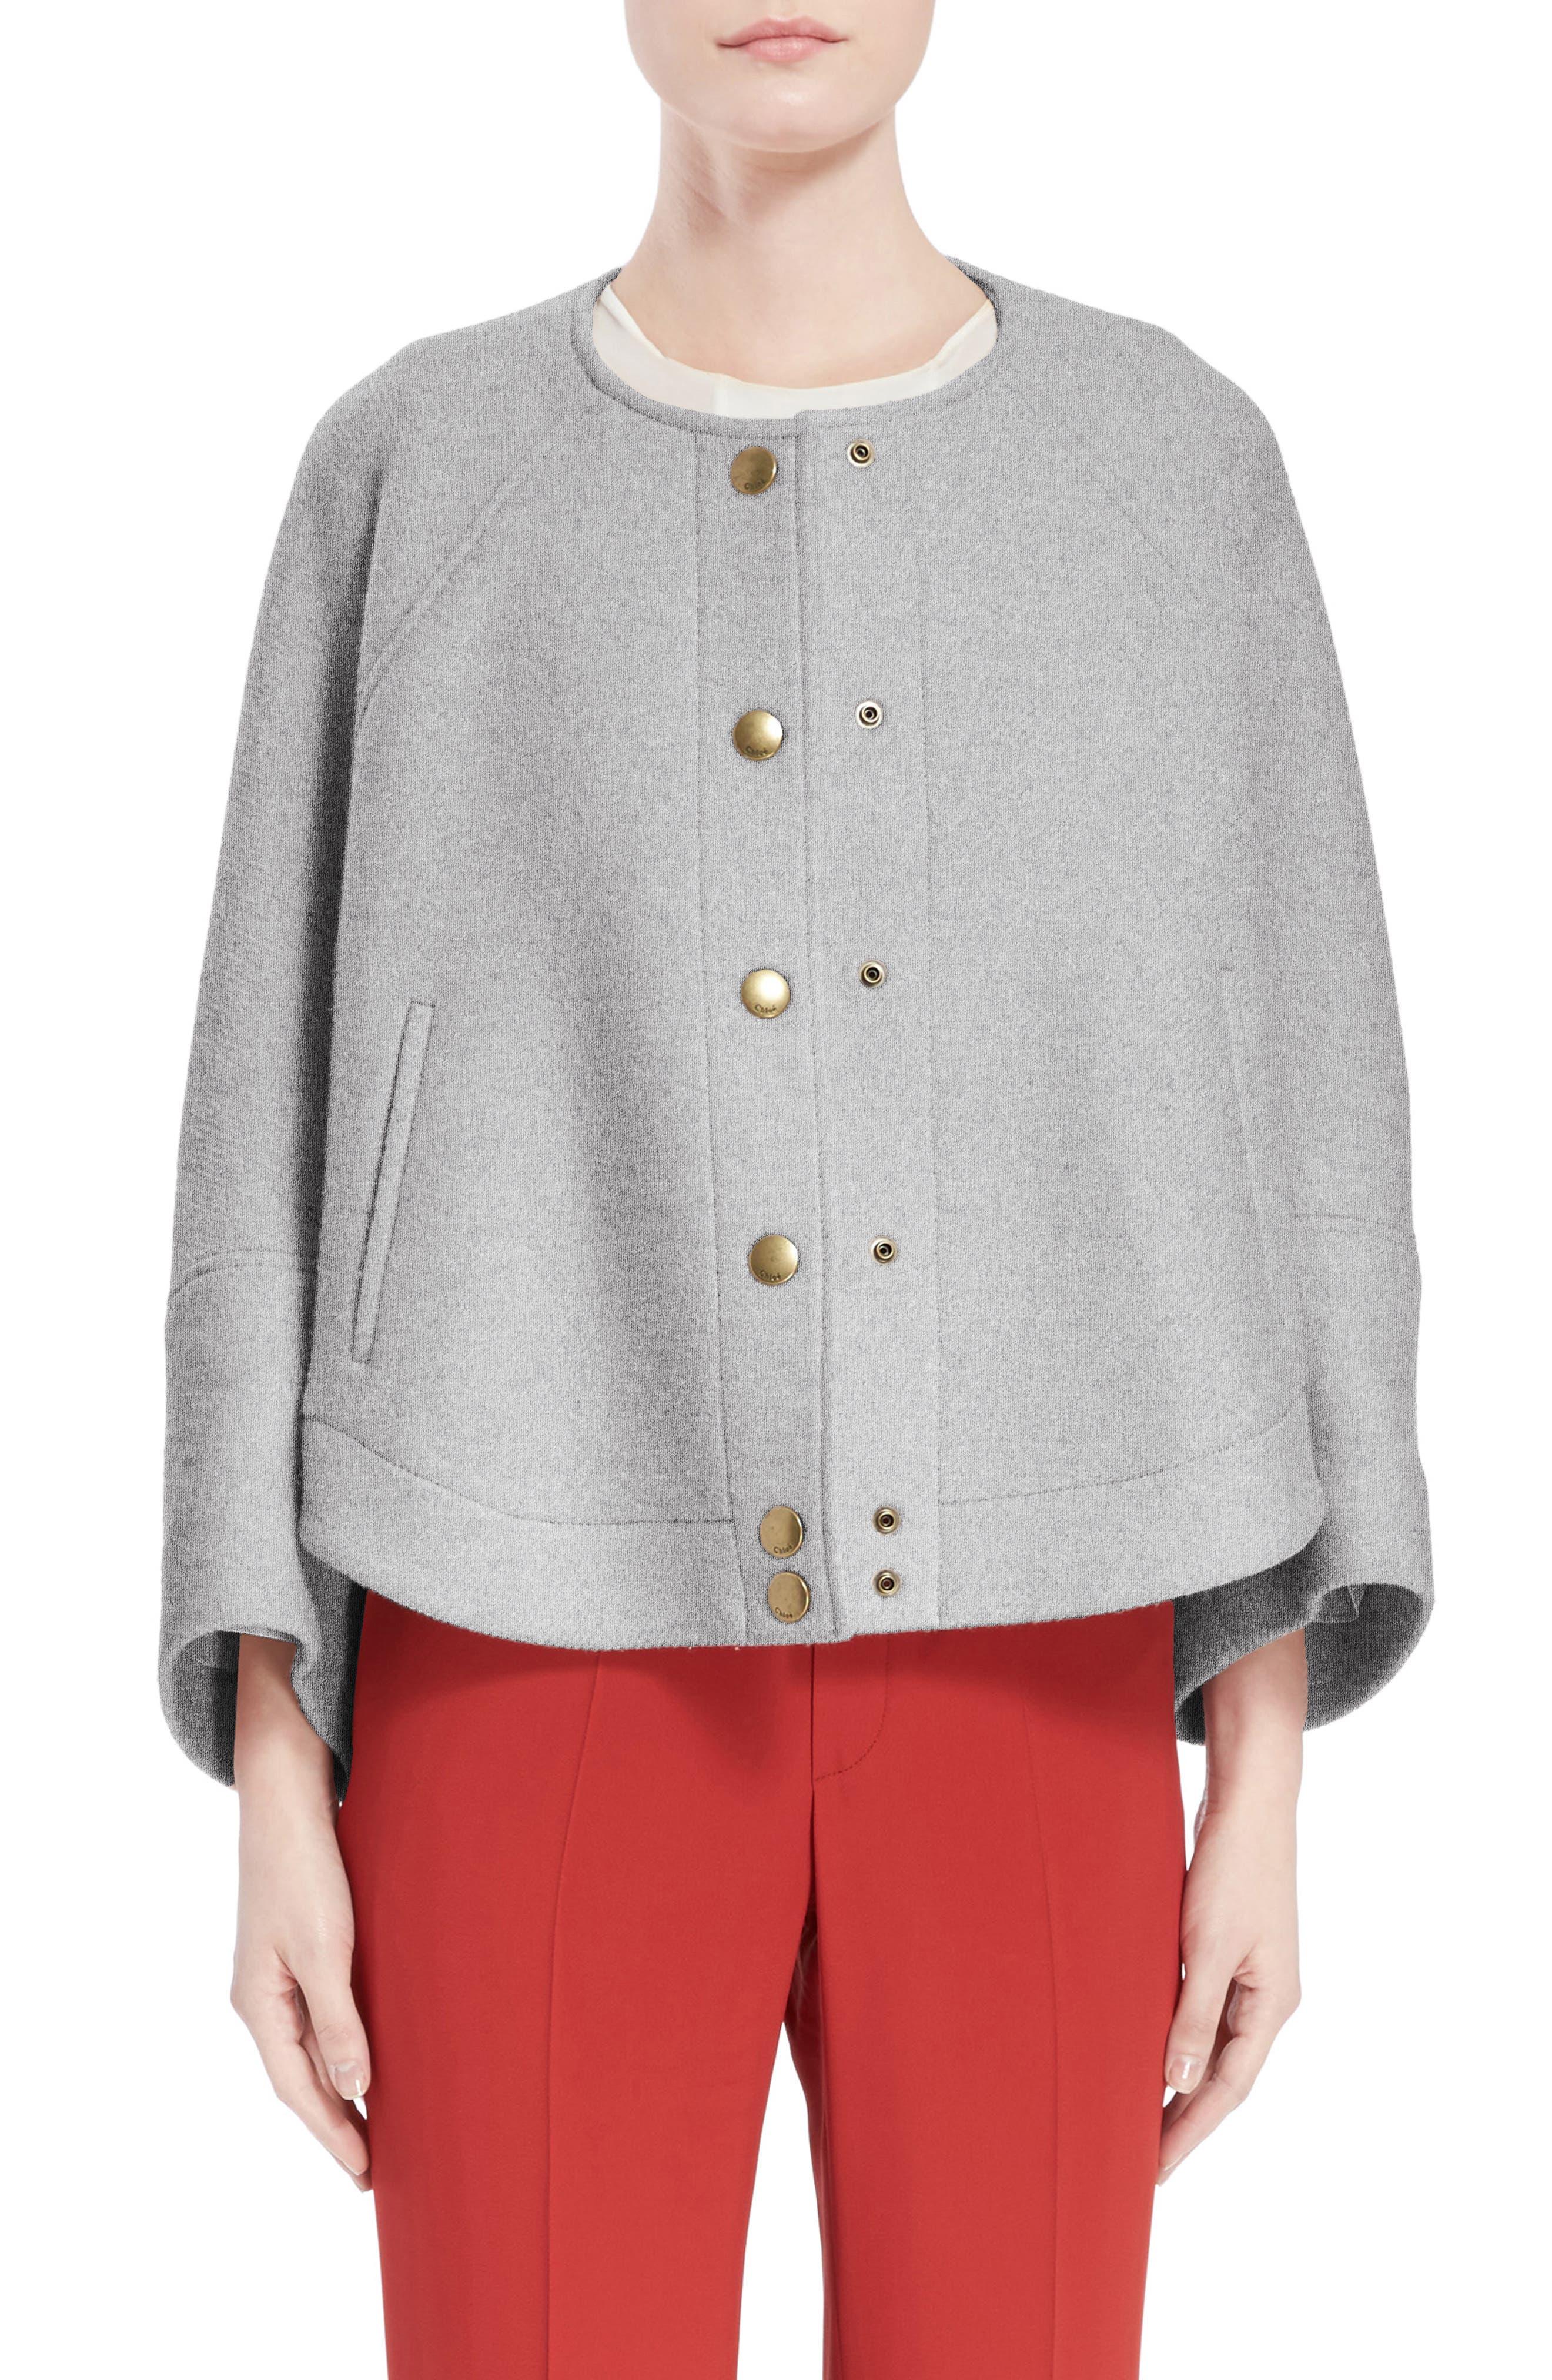 Chloé Wool Blend Baseball Jacket